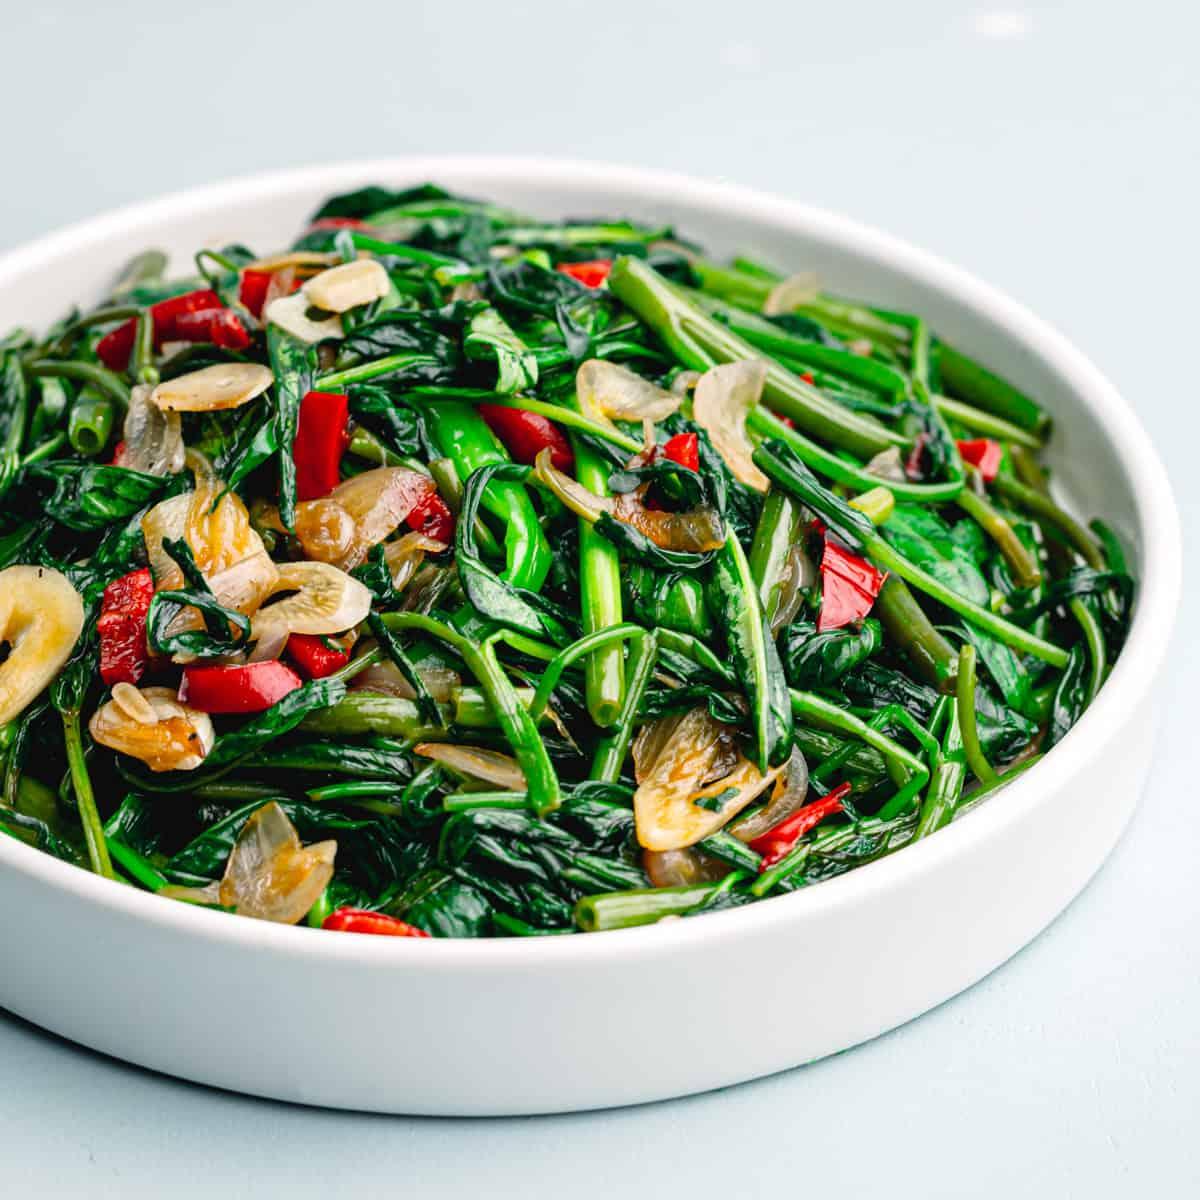 water spinach stir fry.